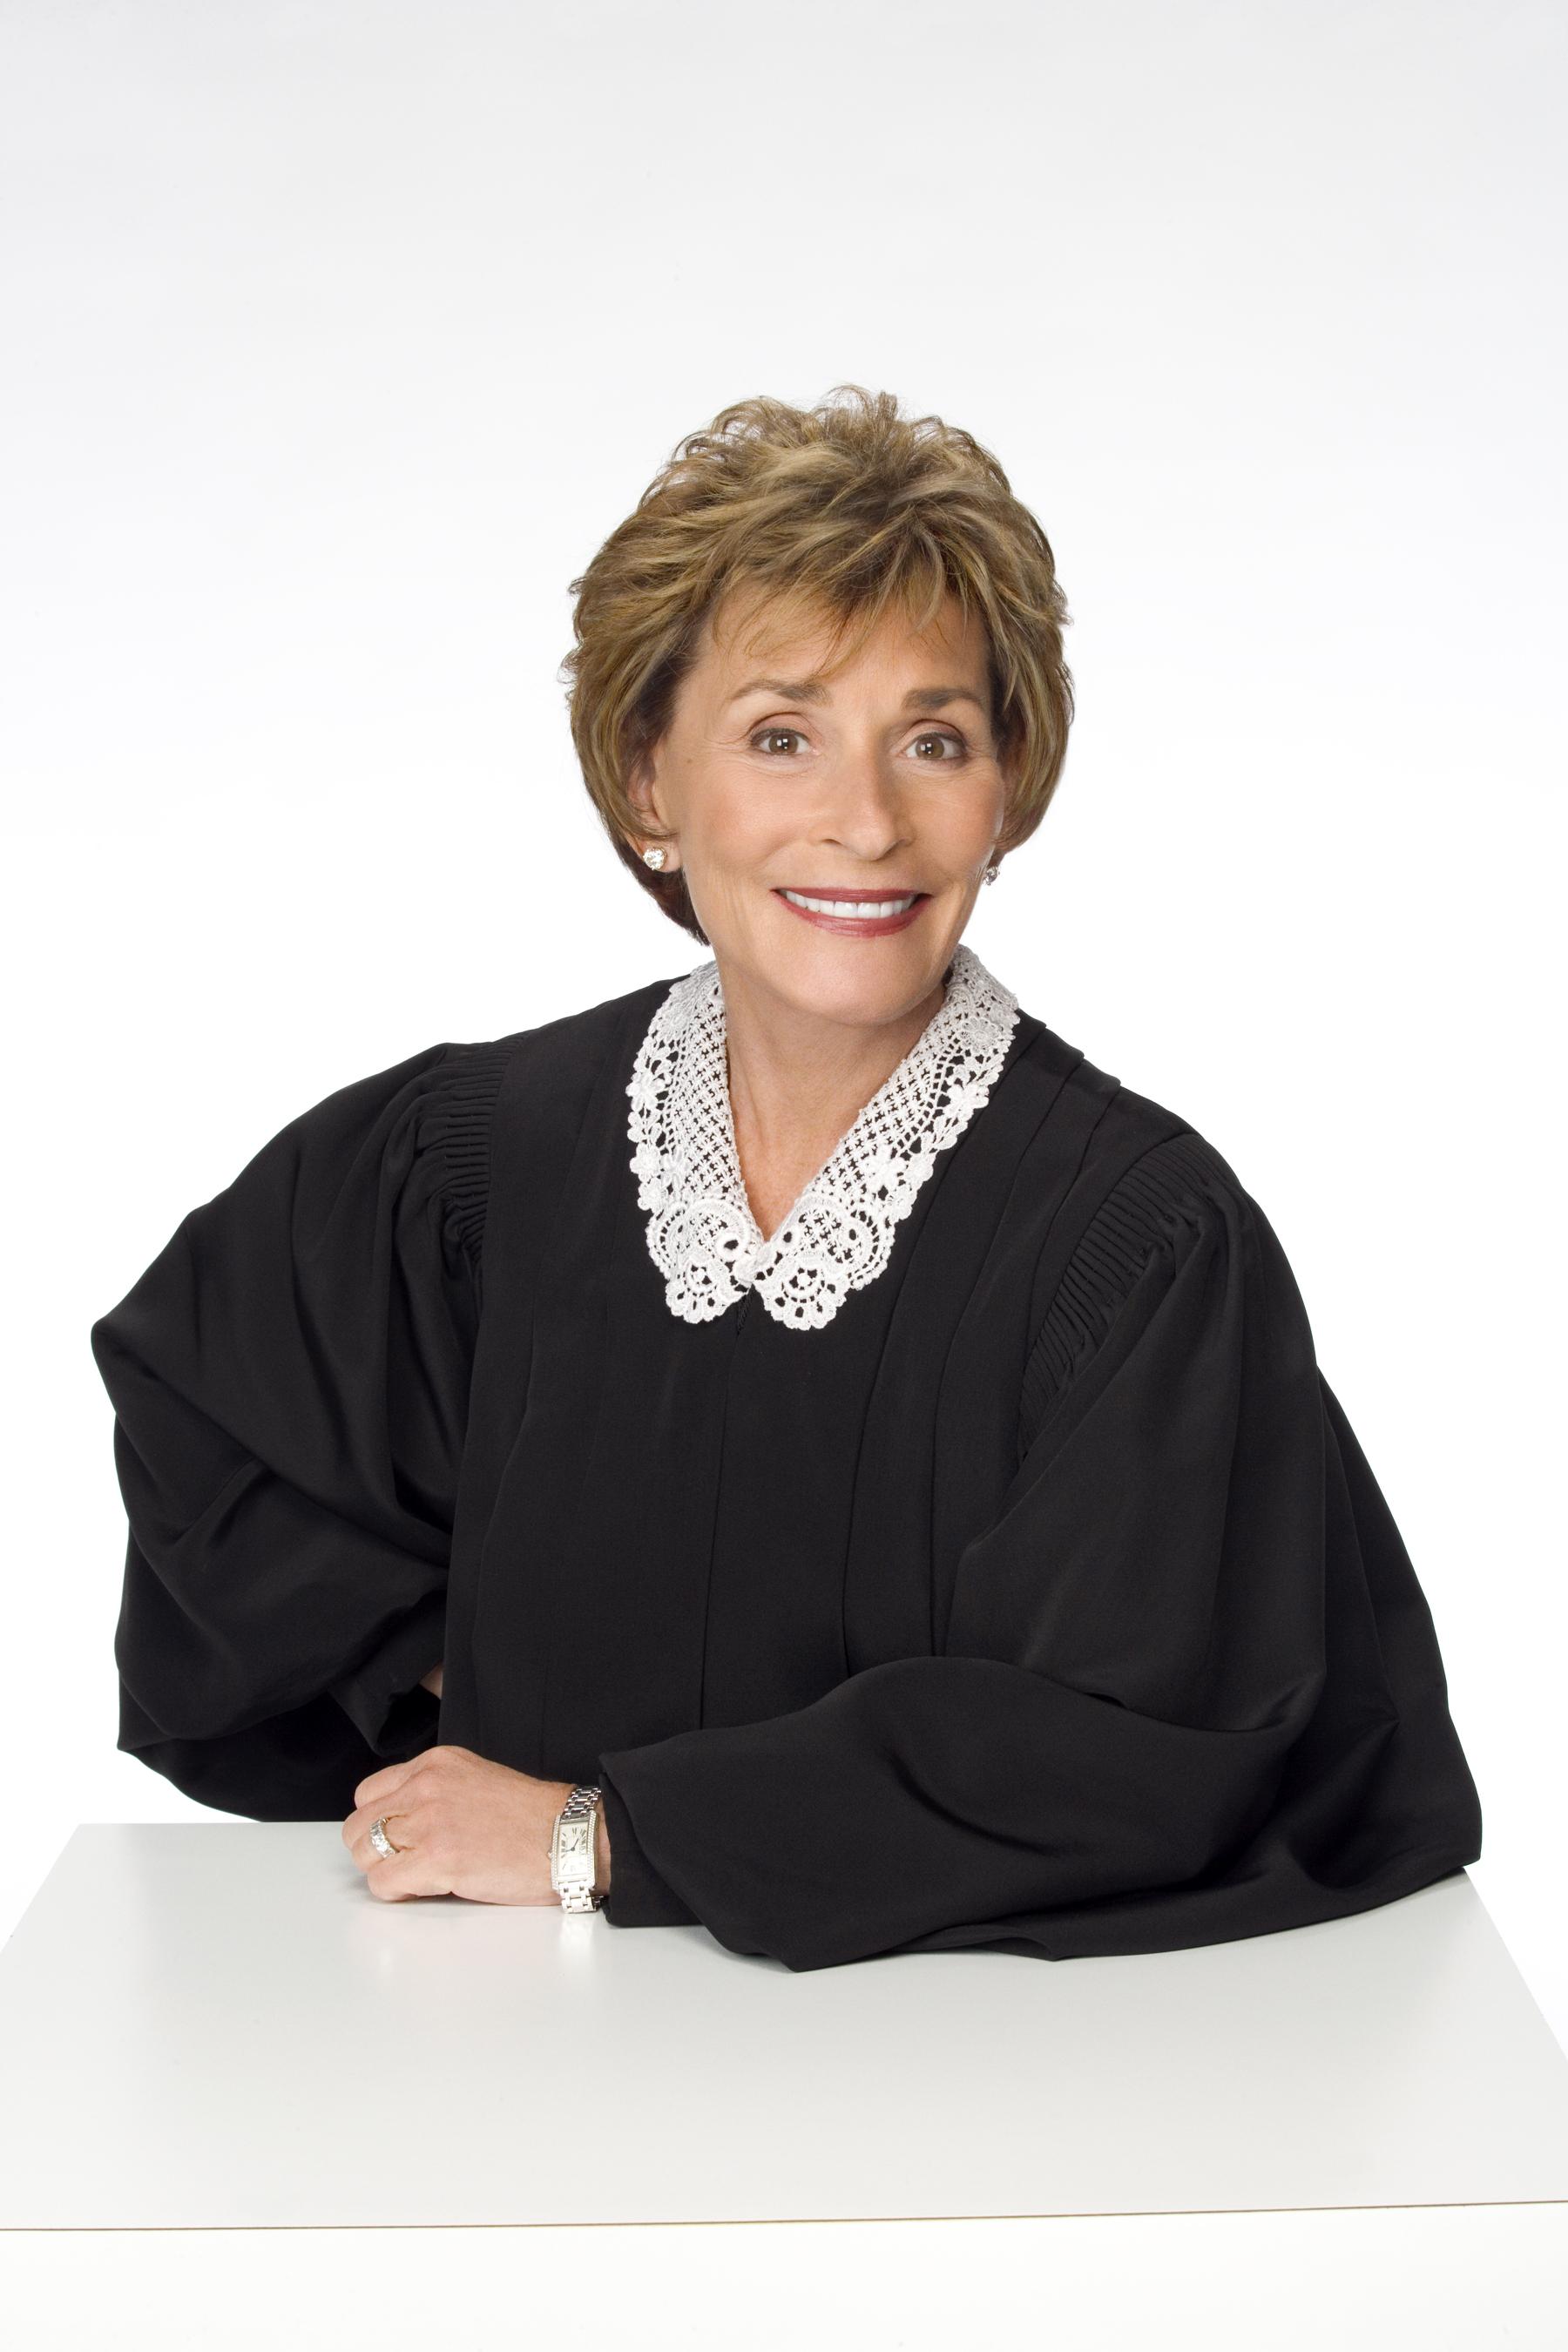 Judge Judy Sheindlin to Receive Lifetime Achievement Award at 2019 Daytime Emmys